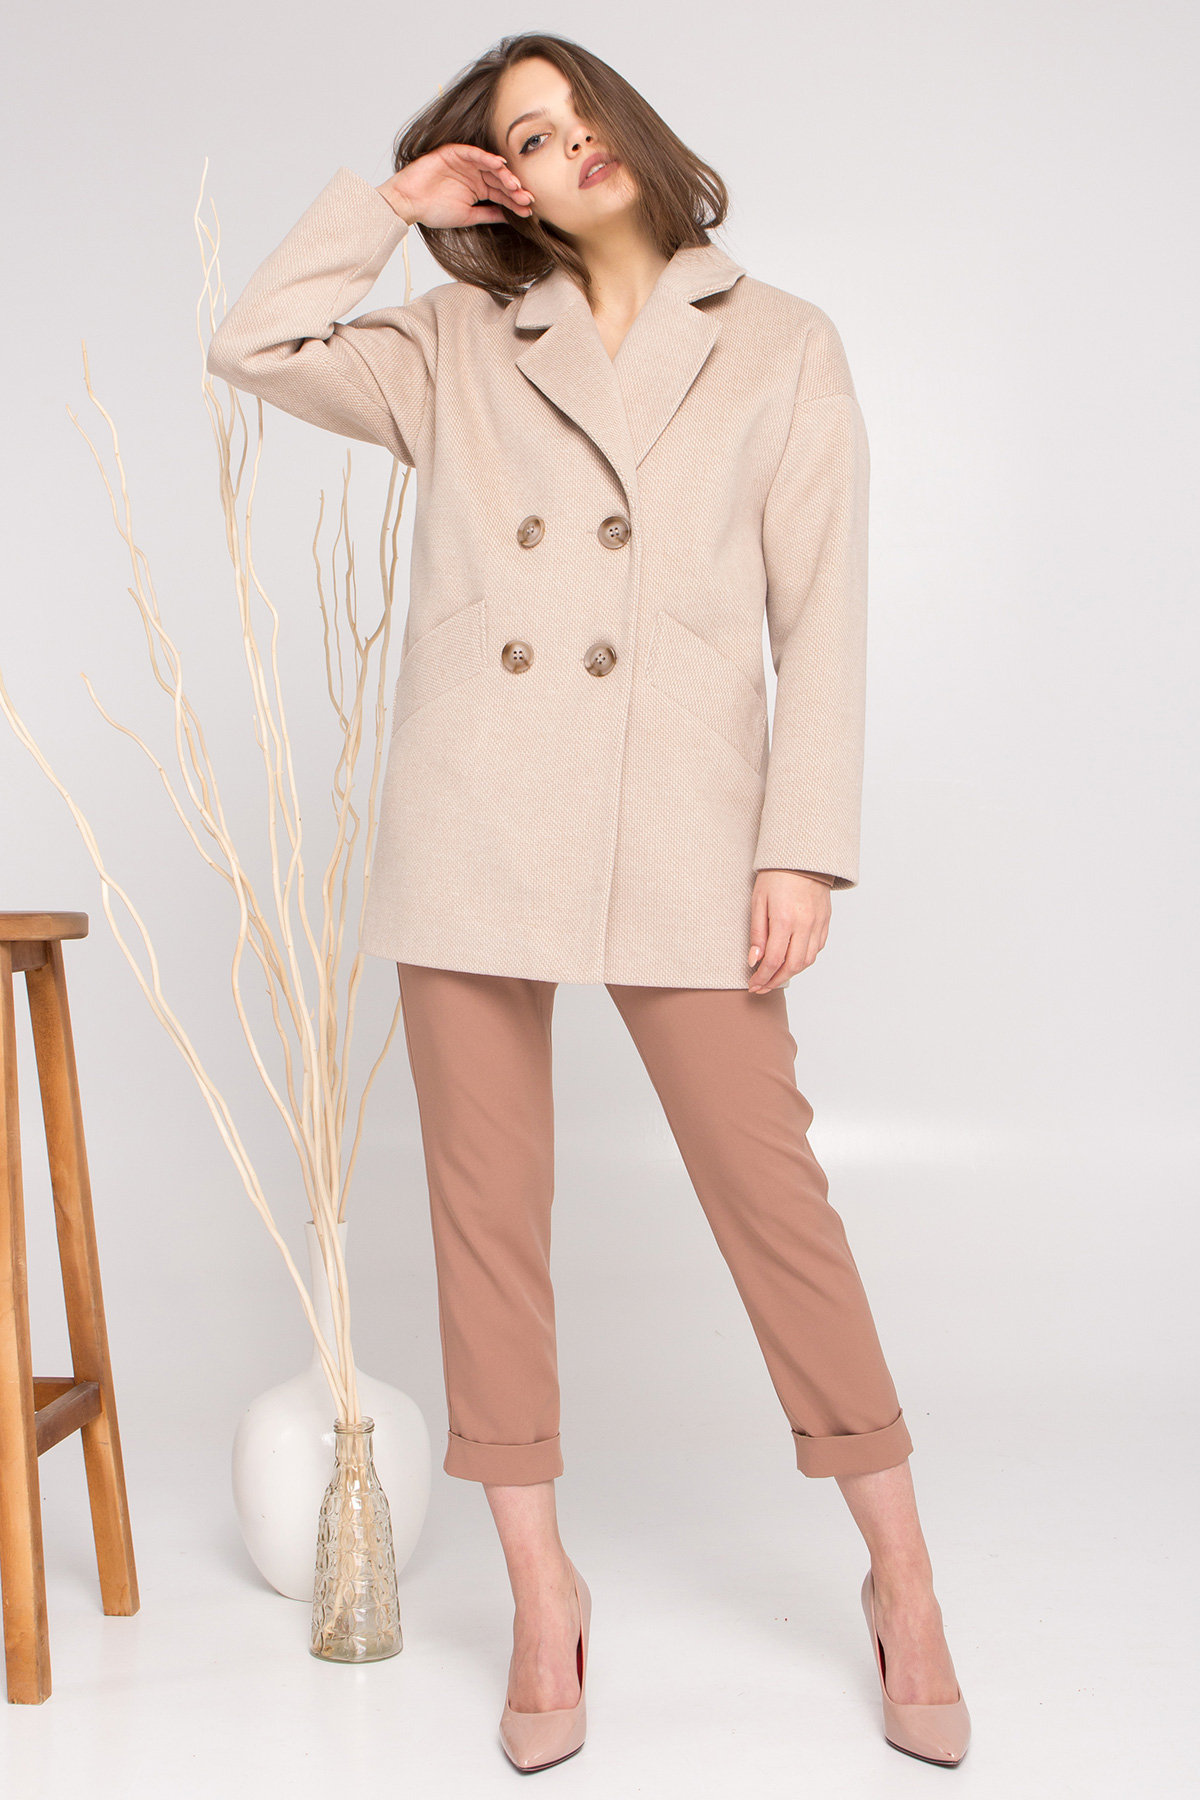 Демисезонное двубортное пальто Бонд 8927 АРТ. 45227 Цвет: Бежевый Светлый - фото 5, интернет магазин tm-modus.ru